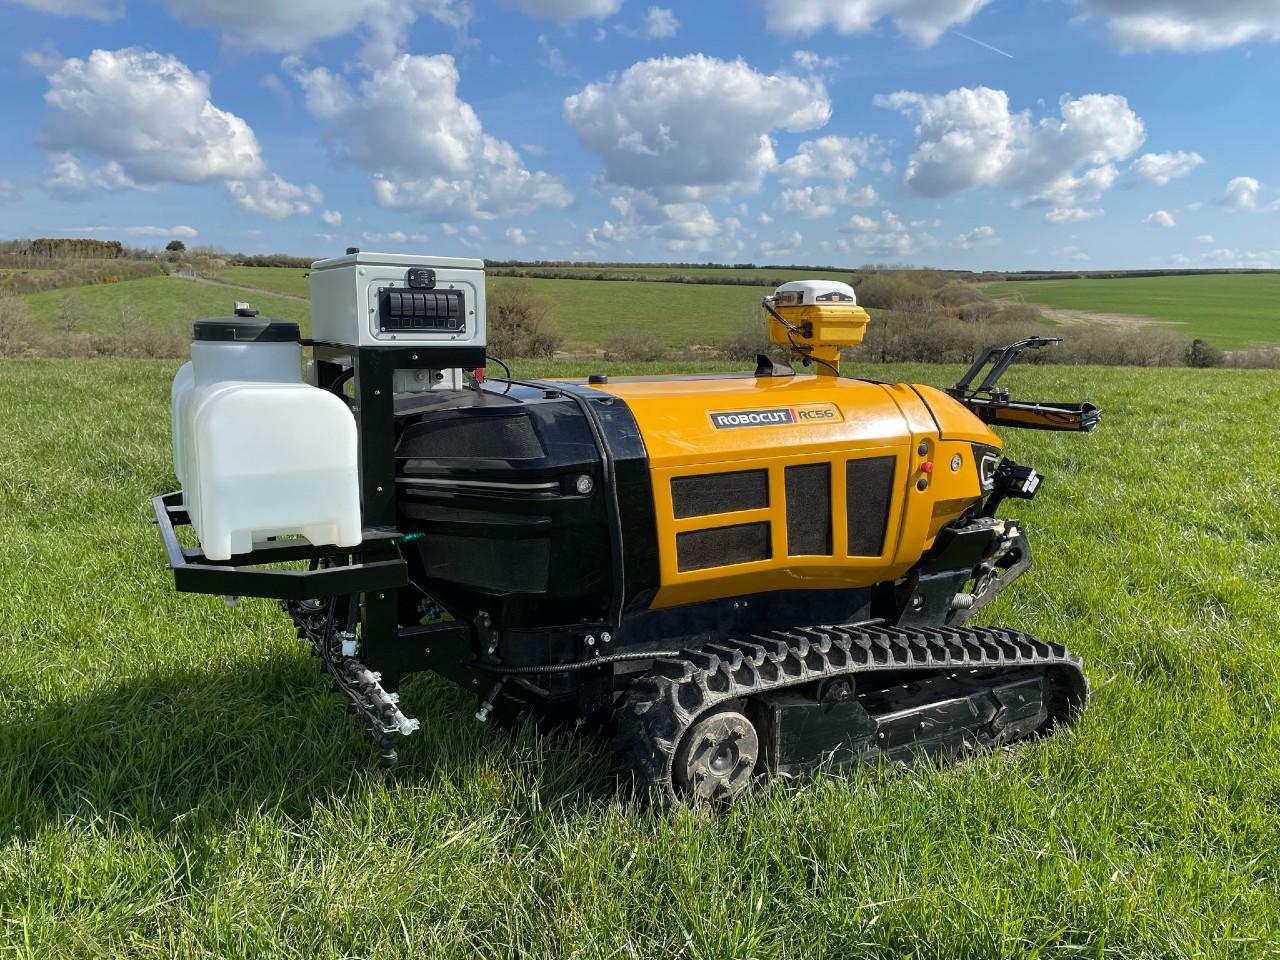 McConnel autonomous spot sprayer